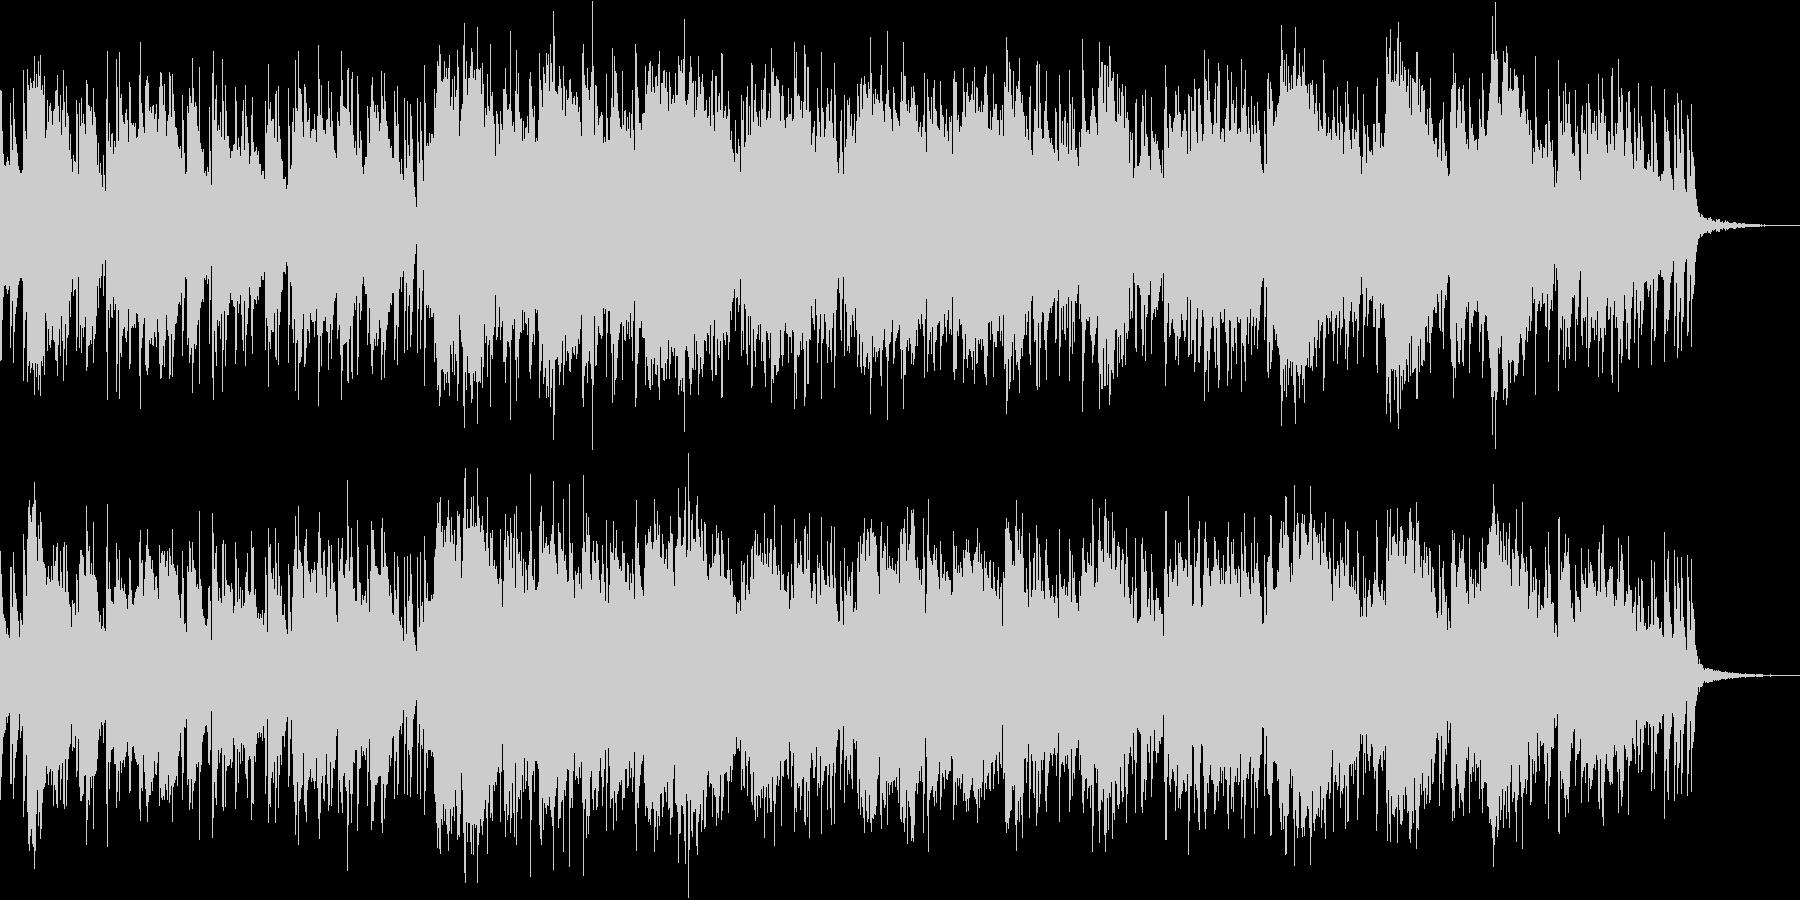 荒野をイメージしたスライドギターインストの未再生の波形